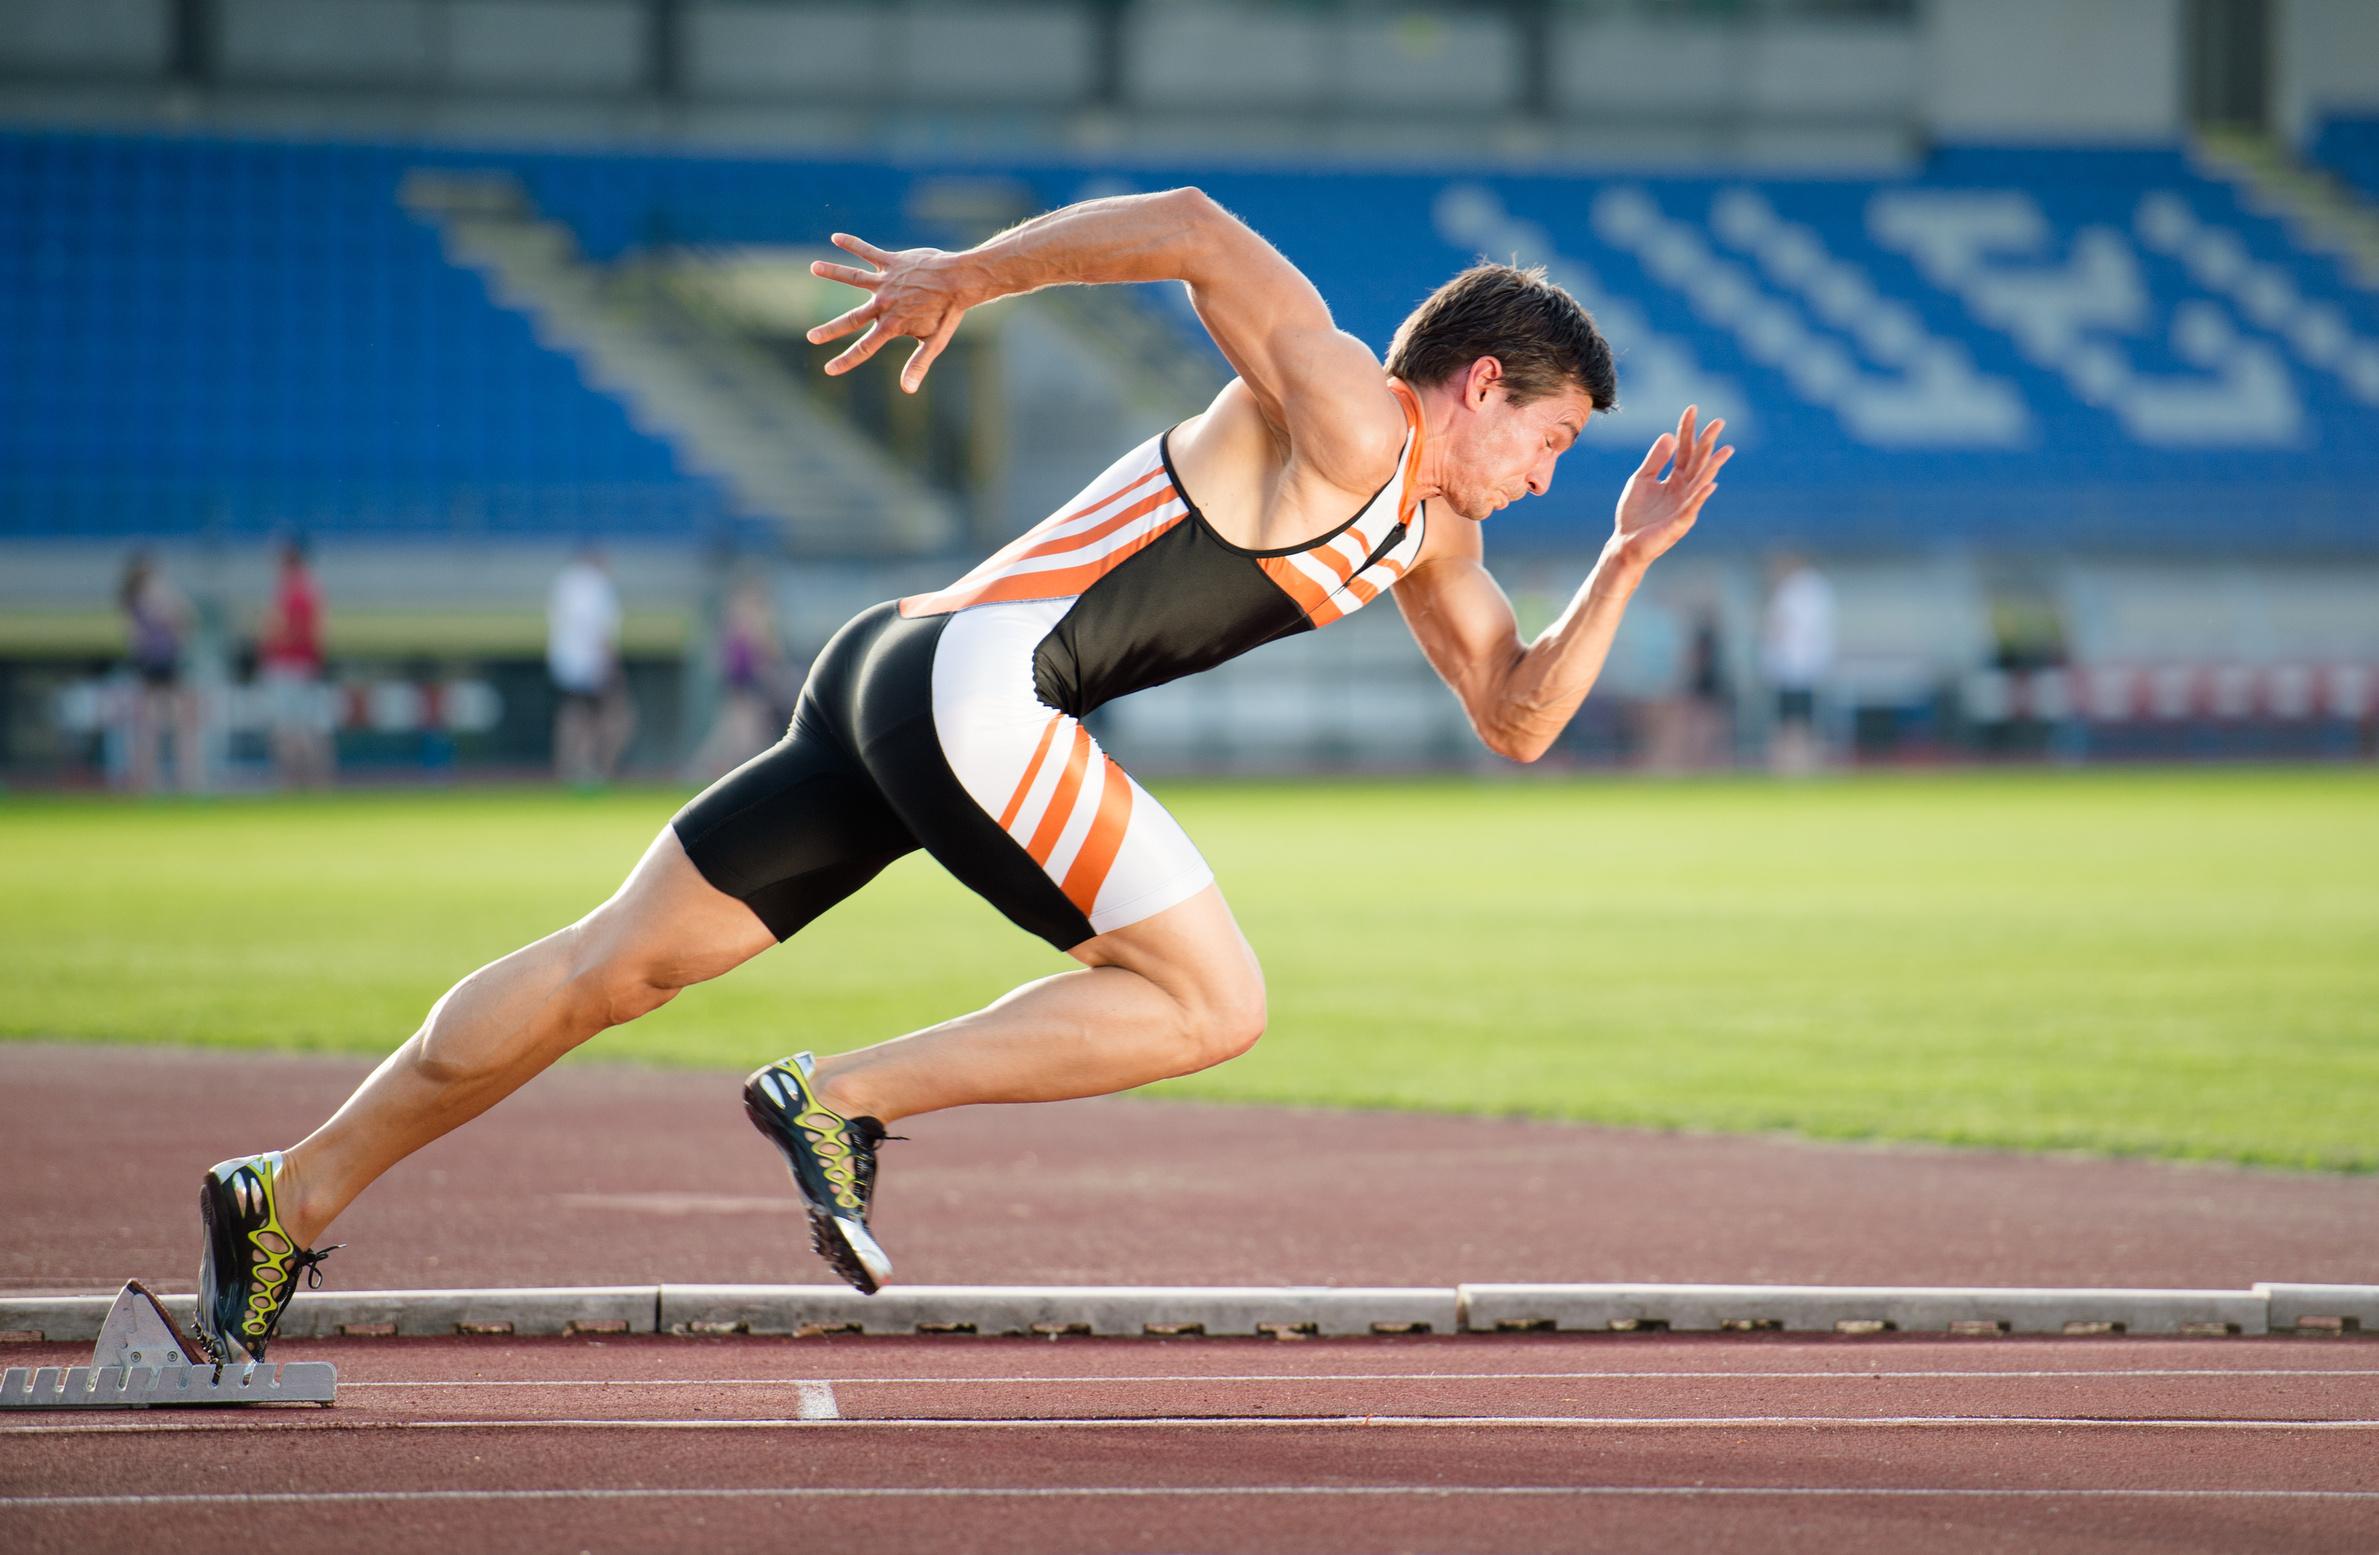 olympics_runner.jpg